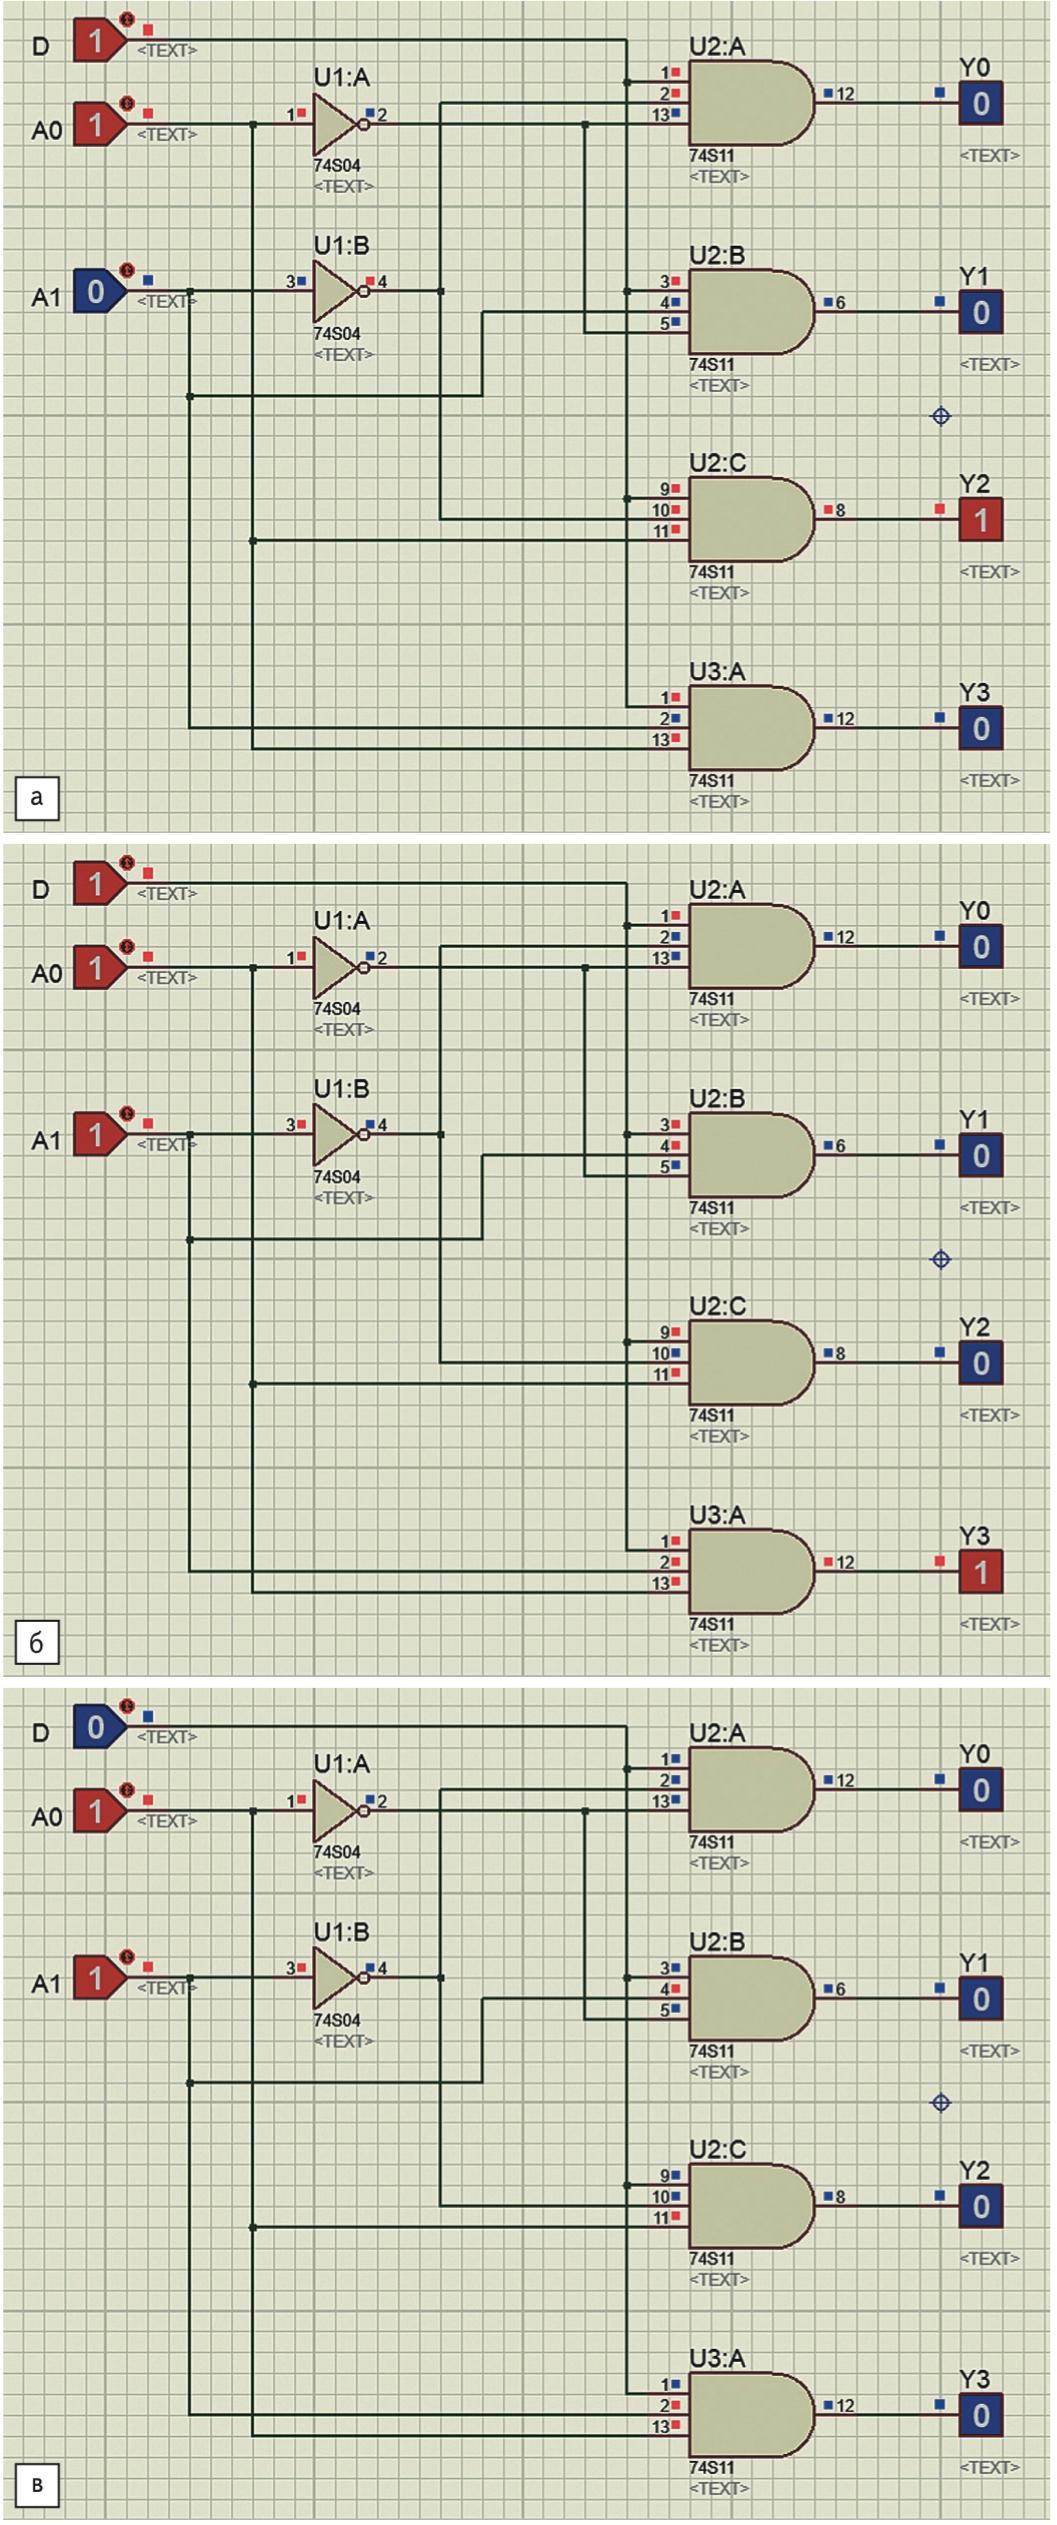 Тестирование схемы демультиплексора на один вход данных и четыре выхода: а) сигналы А0, А1, D — 101 (логическая 1 со входа D появится на выходе Y2); б) сигналы А0, А1, D — 111 (логическая 1 со входа D появится на выходе Y3); в) сигналы А0, А1, D — 110 (на всех выходах демультиплексора отображается логический ноль)